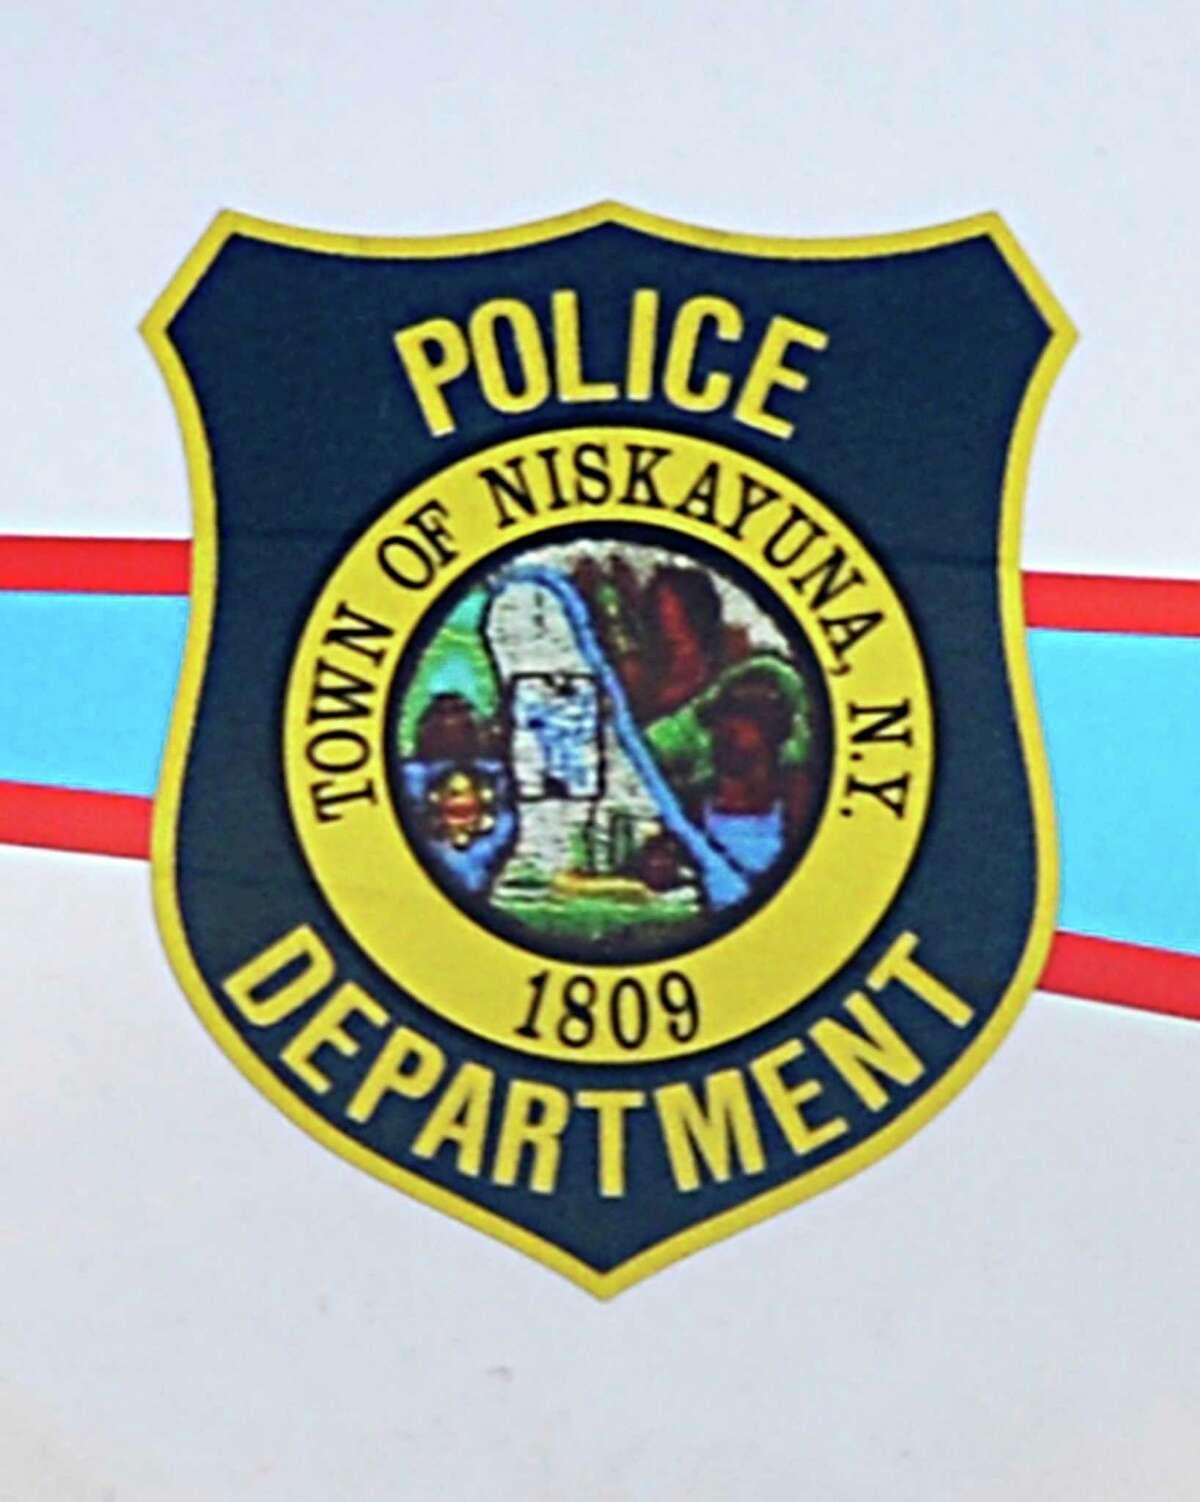 Emblem on a Niskayuna police car in Niskayuna Wednesday Feb. 20, 2013. (John Carl D'Annibale / Times Union)